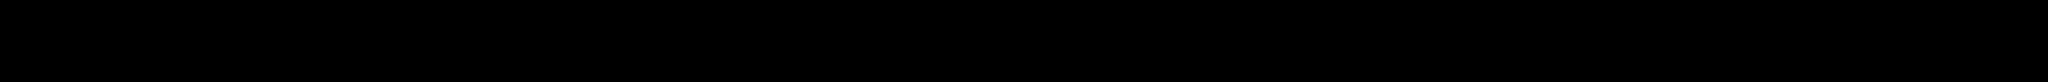 OPTIBELT 5010072338 Τραπεζοειδής ιμάντας